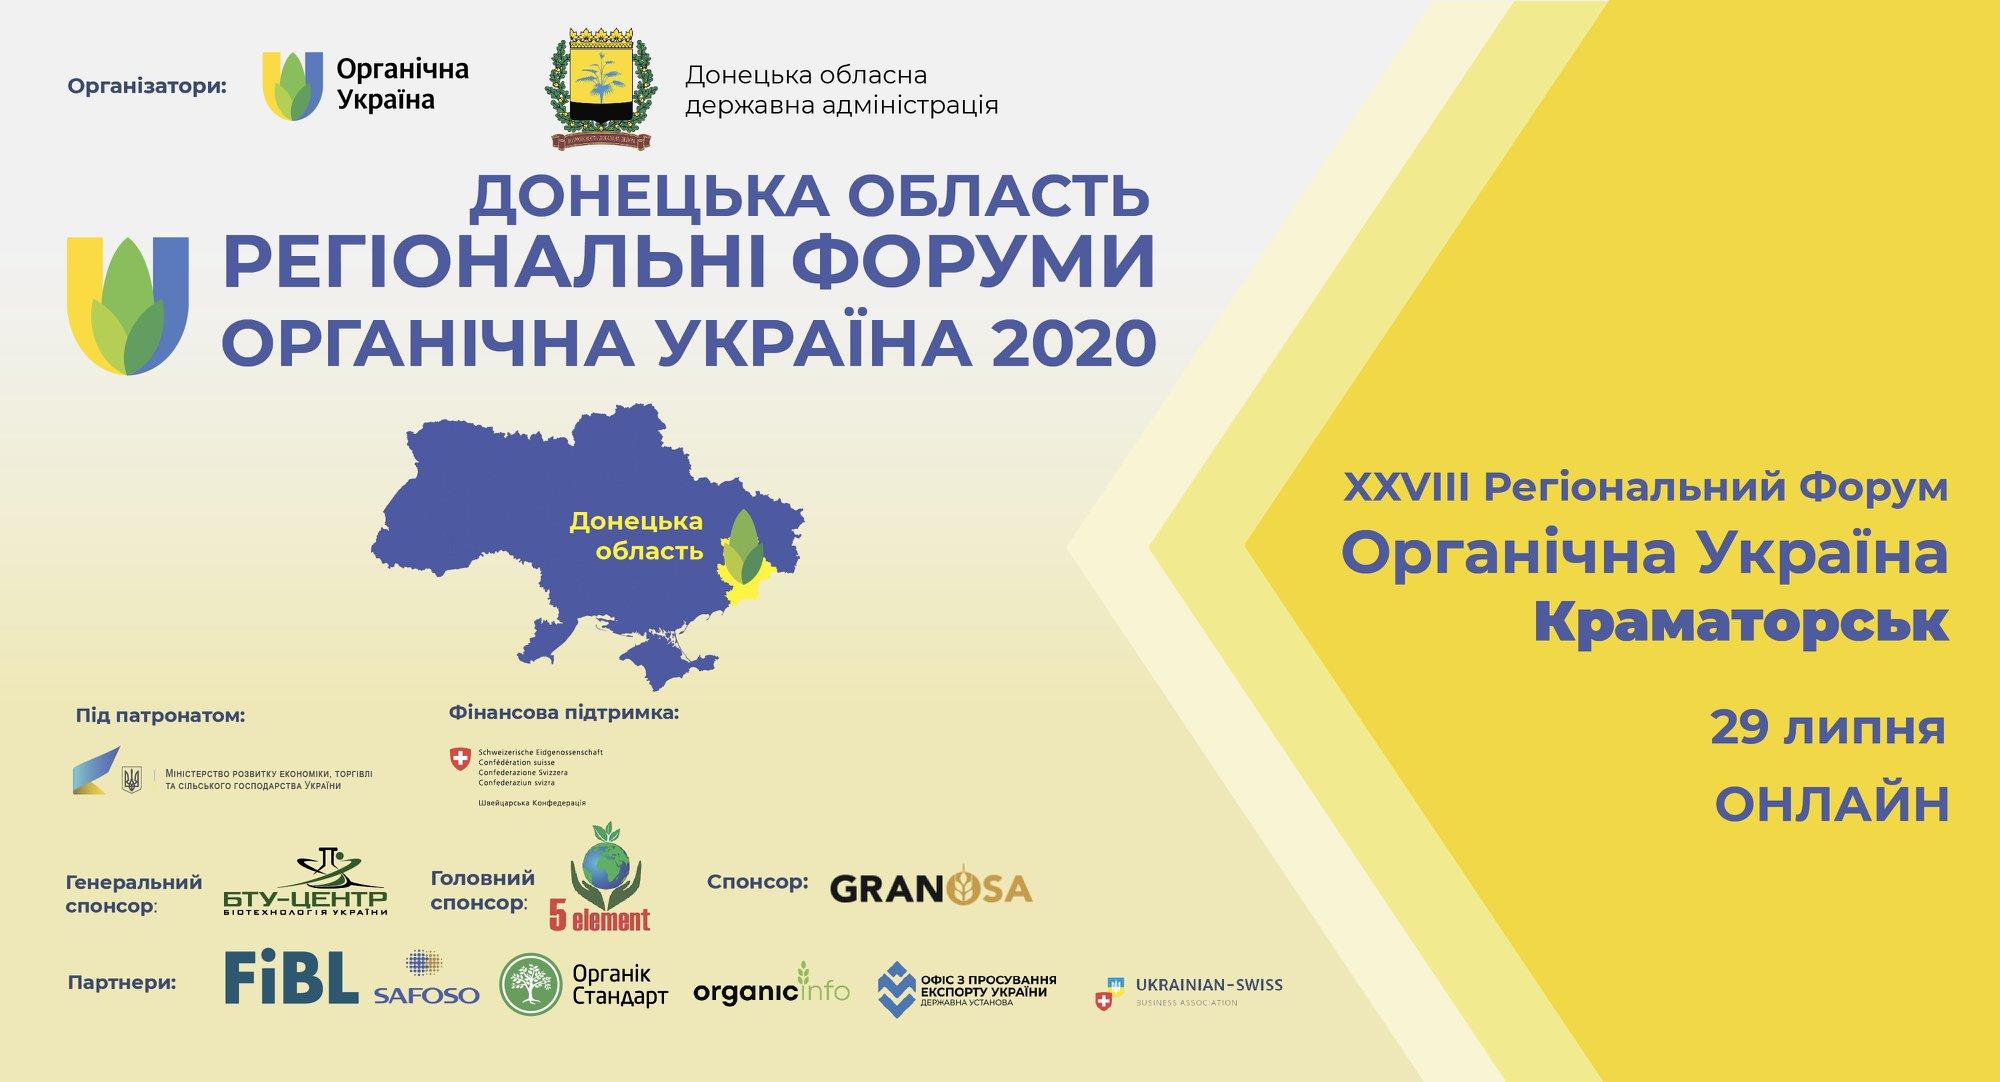 Краматорськ_регіональний форум